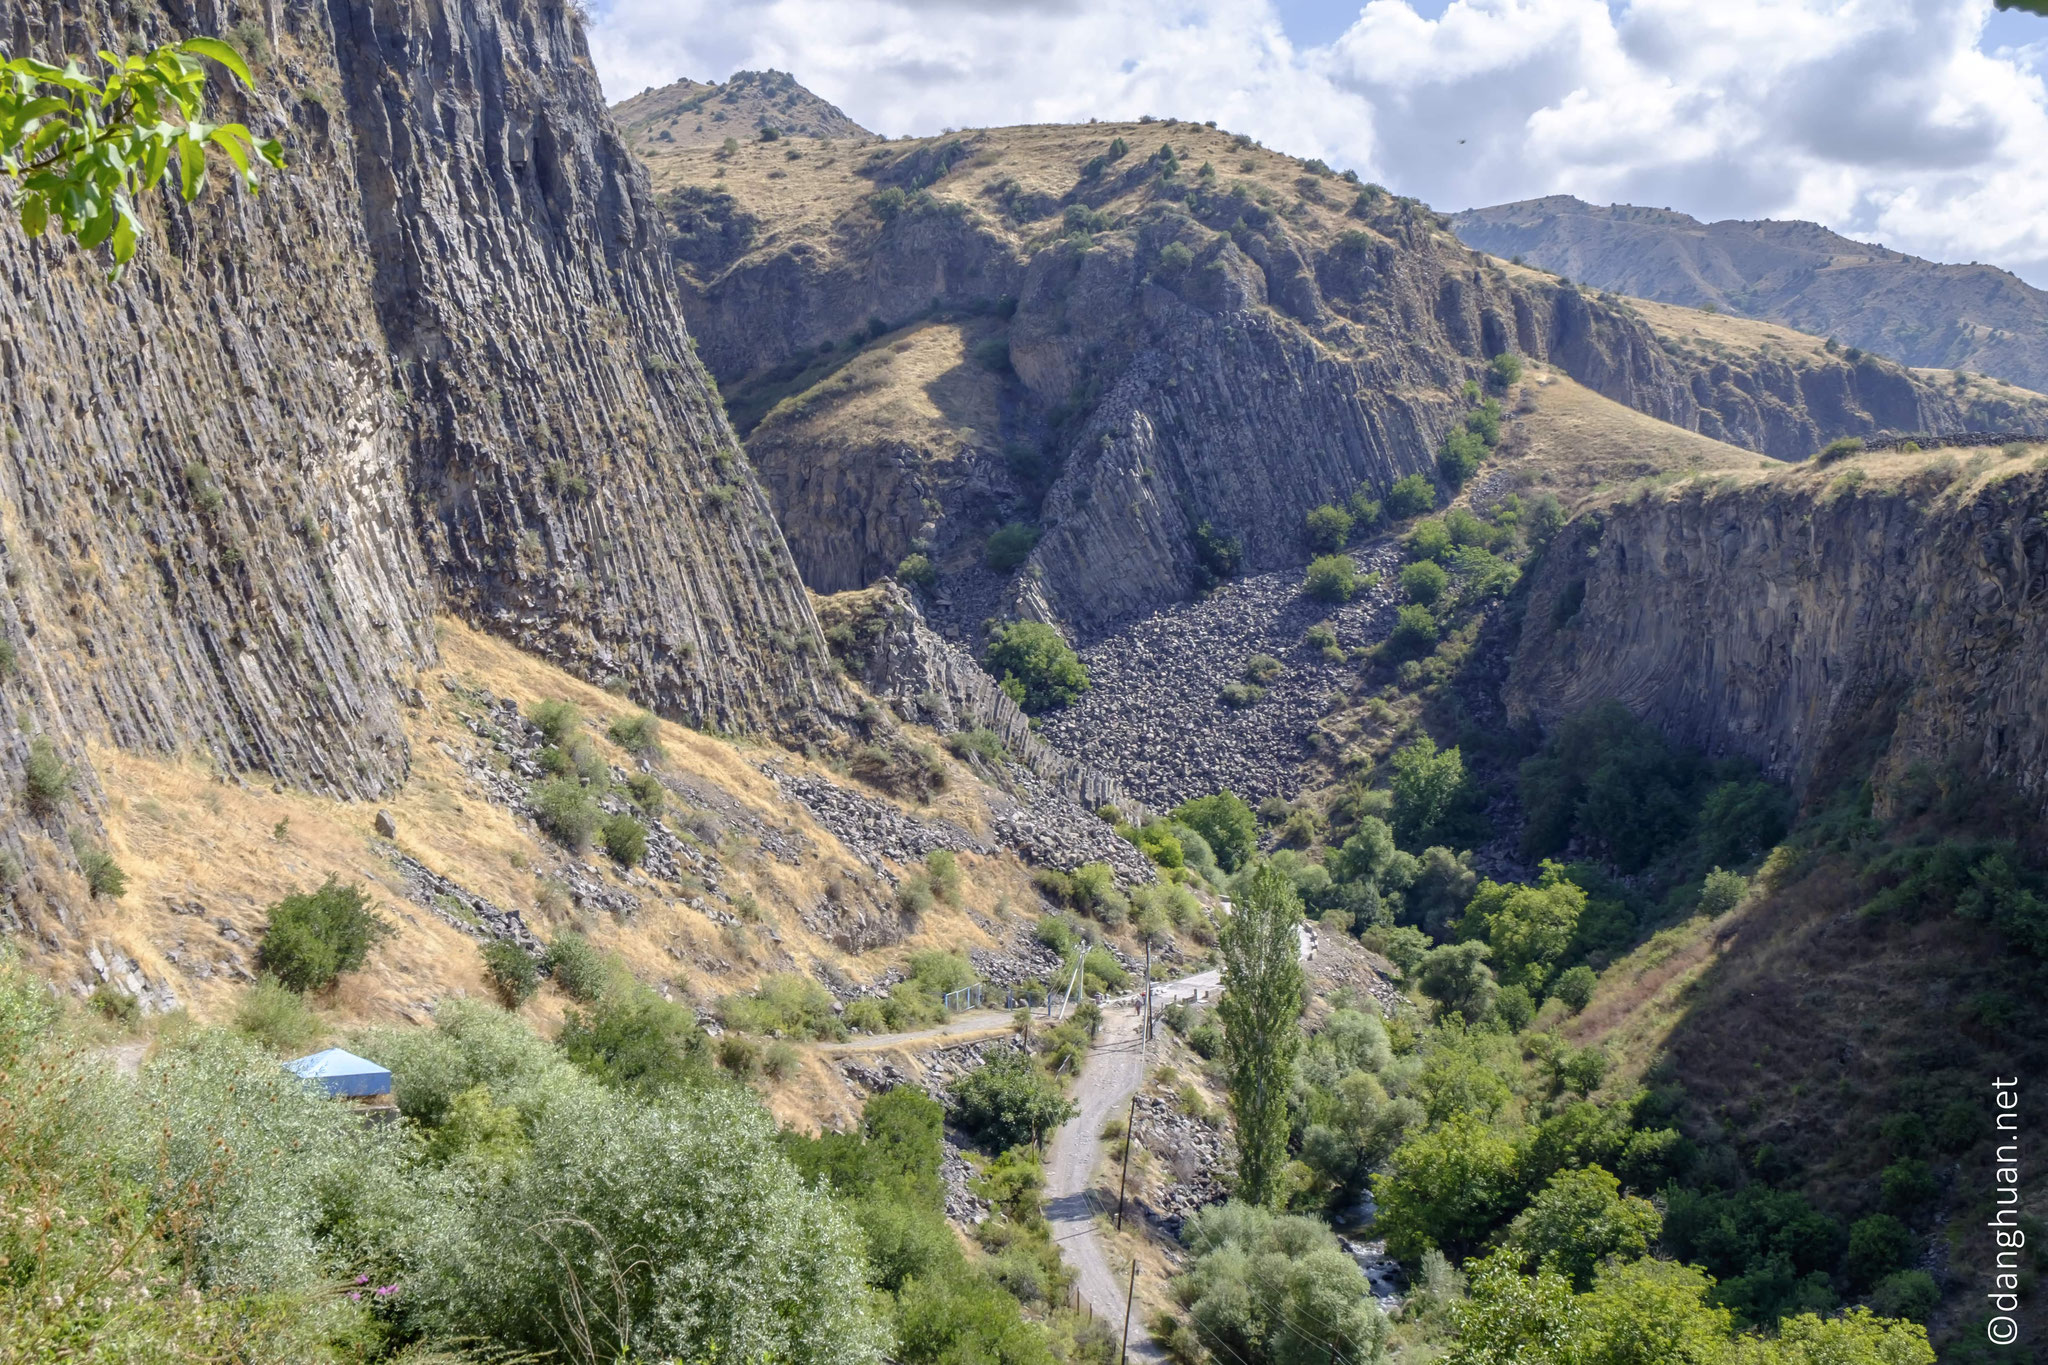 dans des paysages typiques des hauts plateaux arméniens